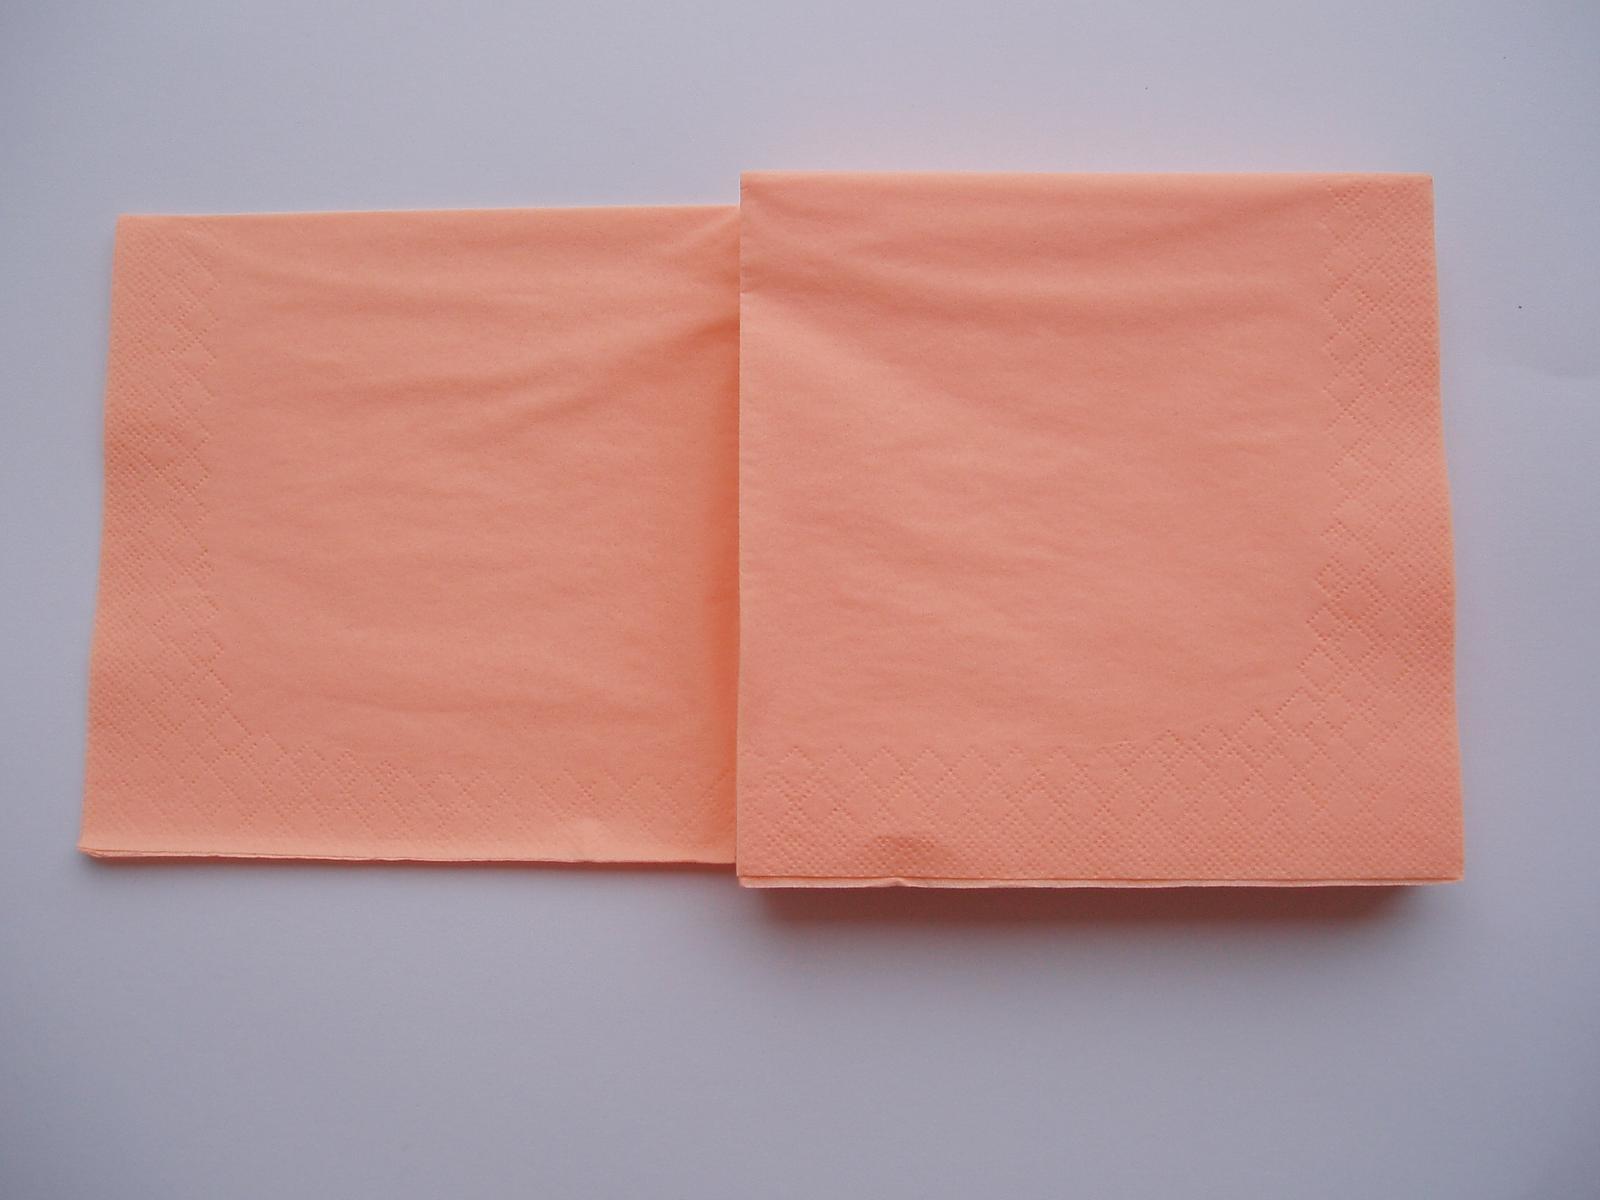 papírové ubrousky lososové - Obrázek č. 1